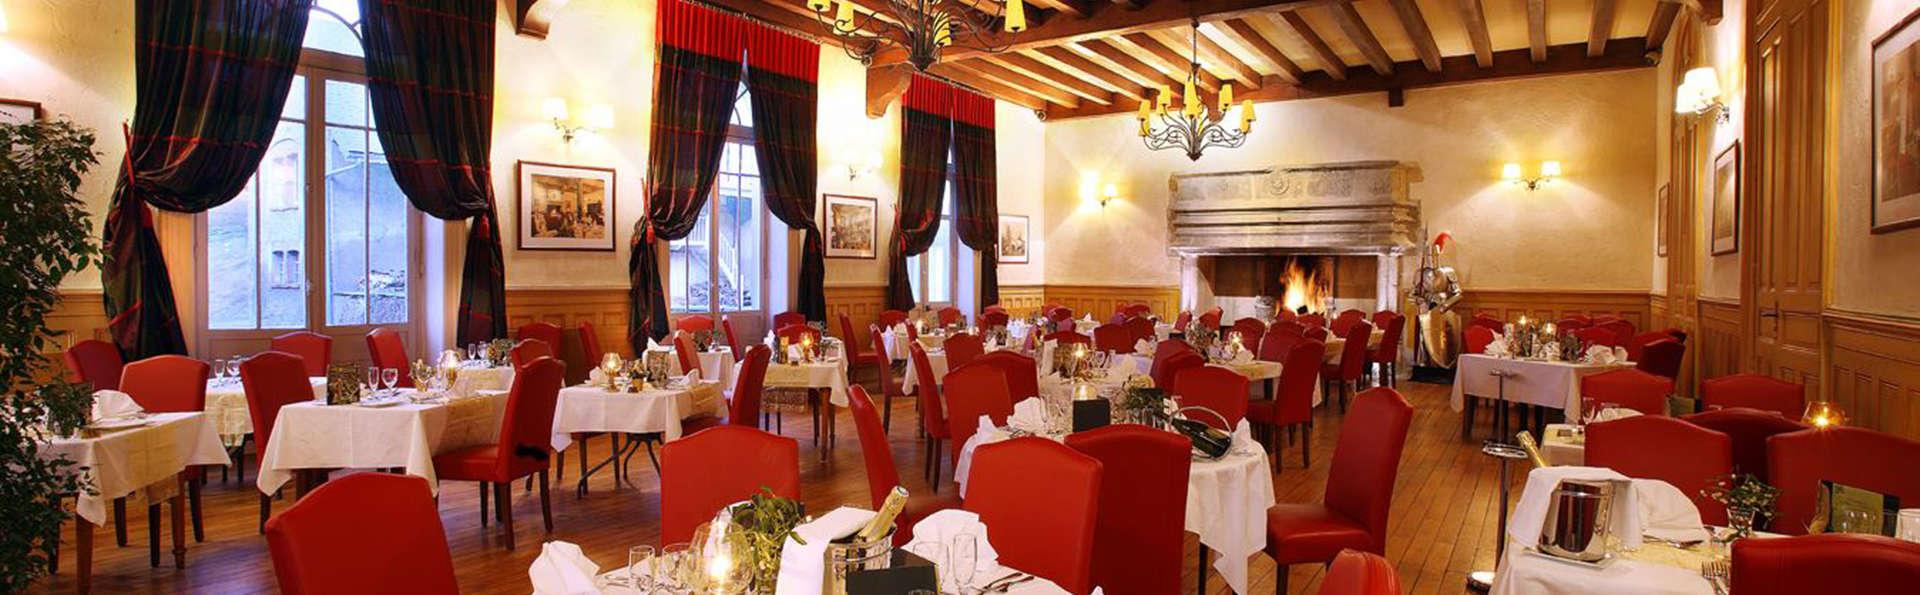 Restaurant Gastronomique Challes Les Eaux